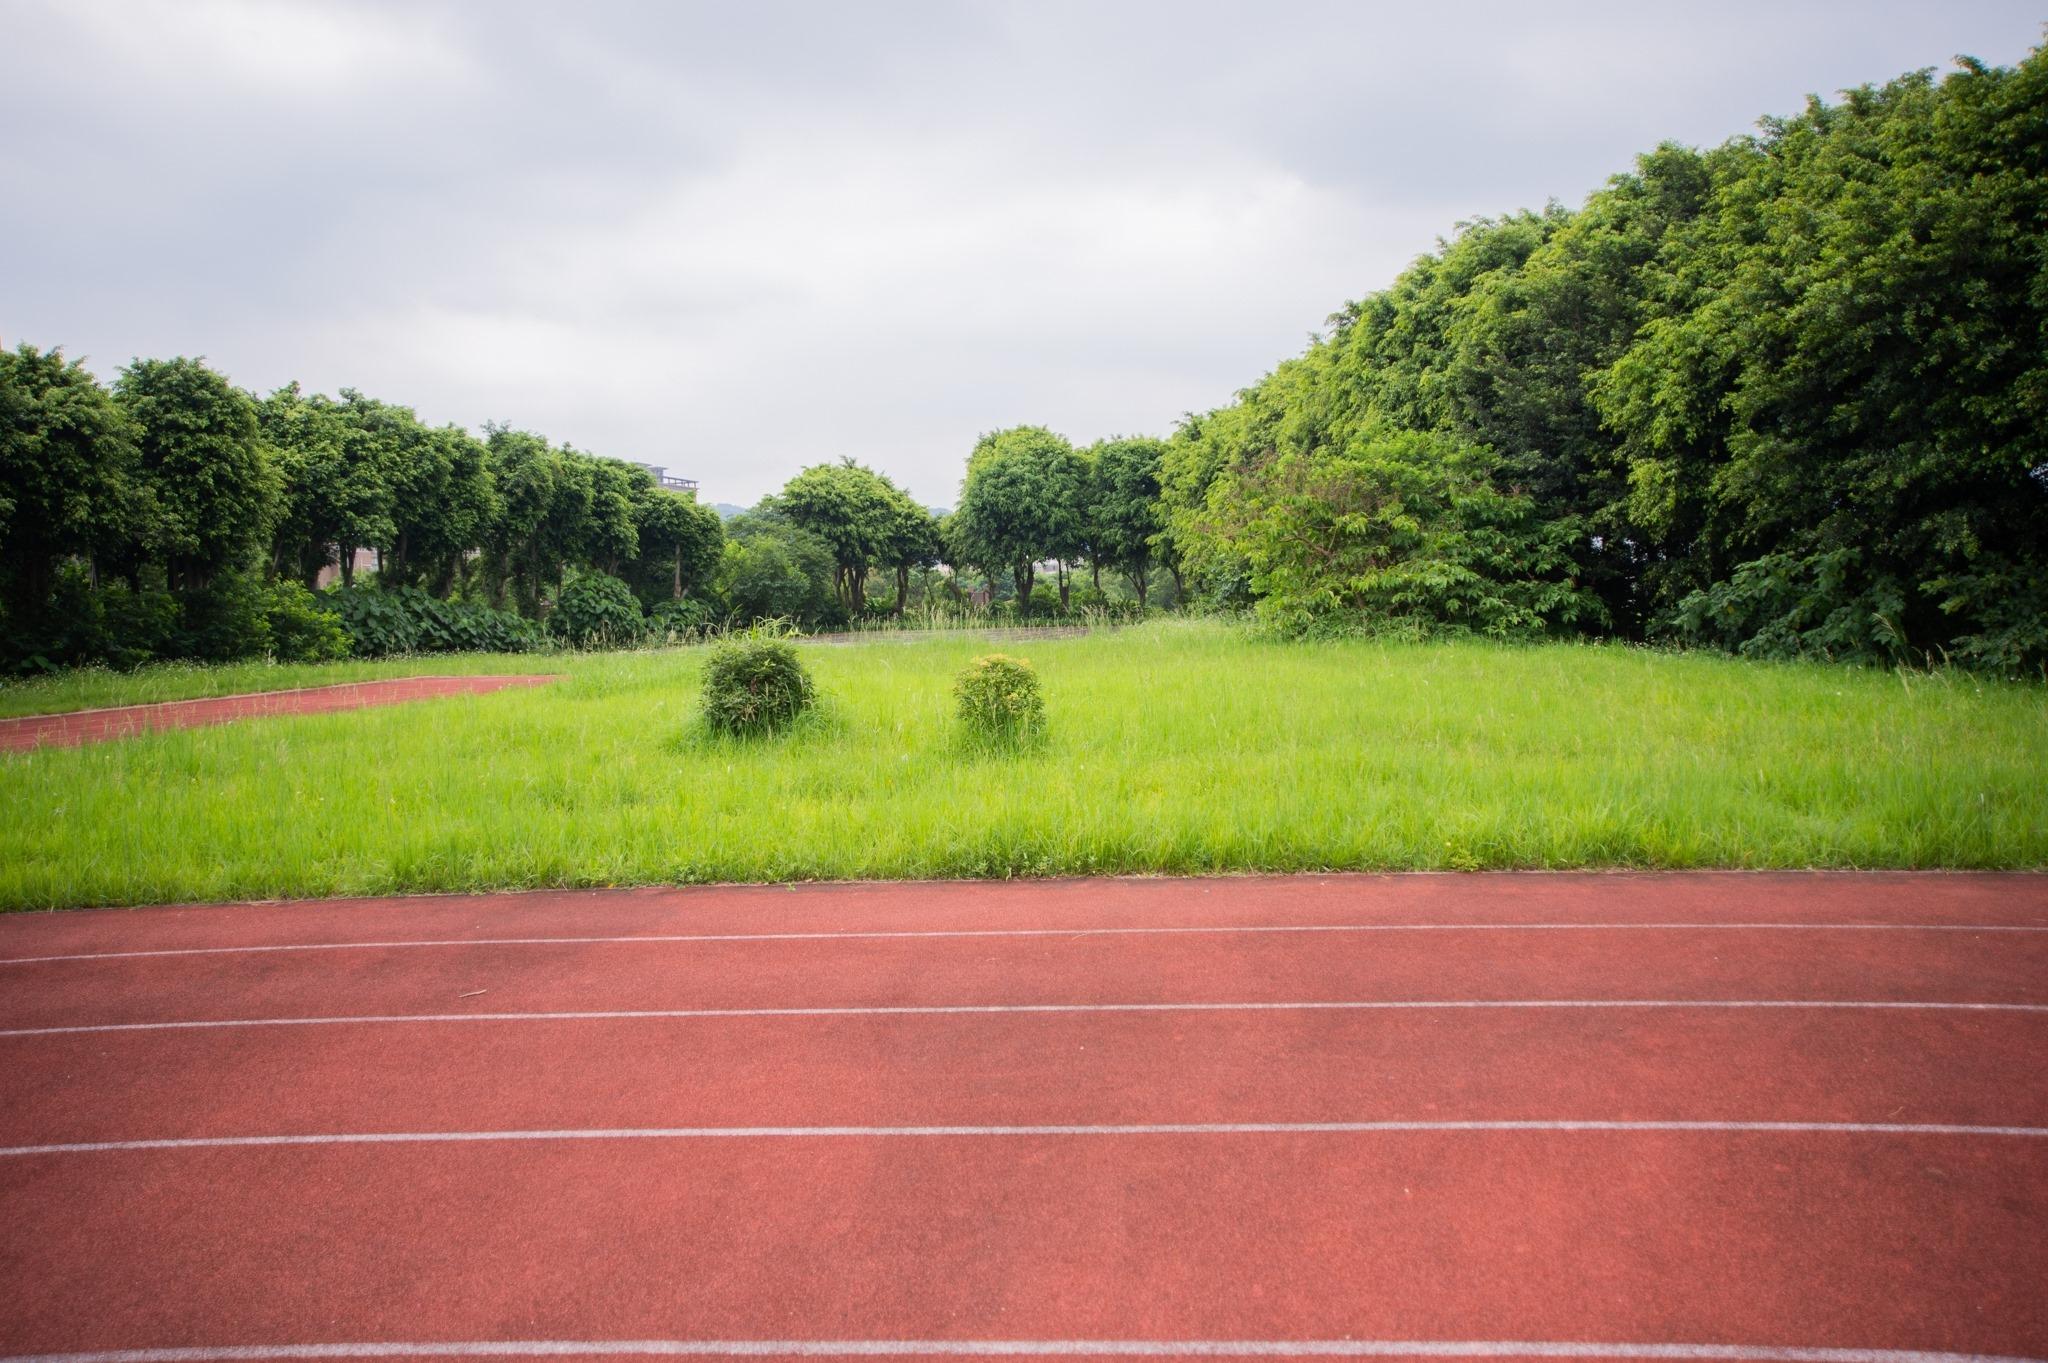 將在暑假期間,利用空地做簡易紅土練習場,以後專供尖山國中棒球隊使用。